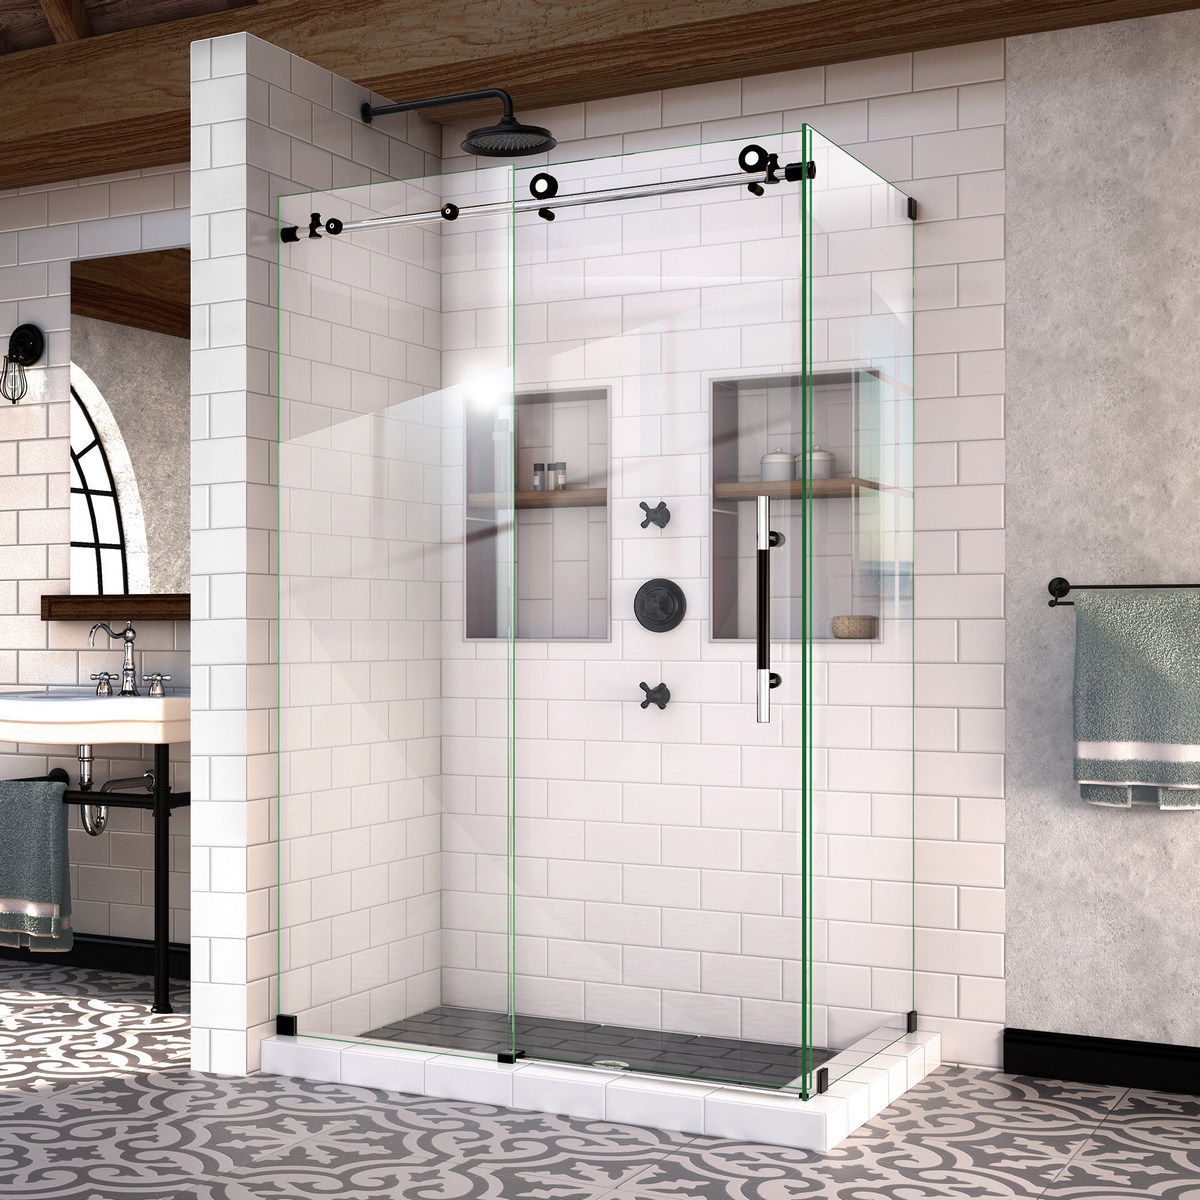 Dreamline Enigma Xt Fully Frameless Sliding Shower Enclosure Tuxedo Finish